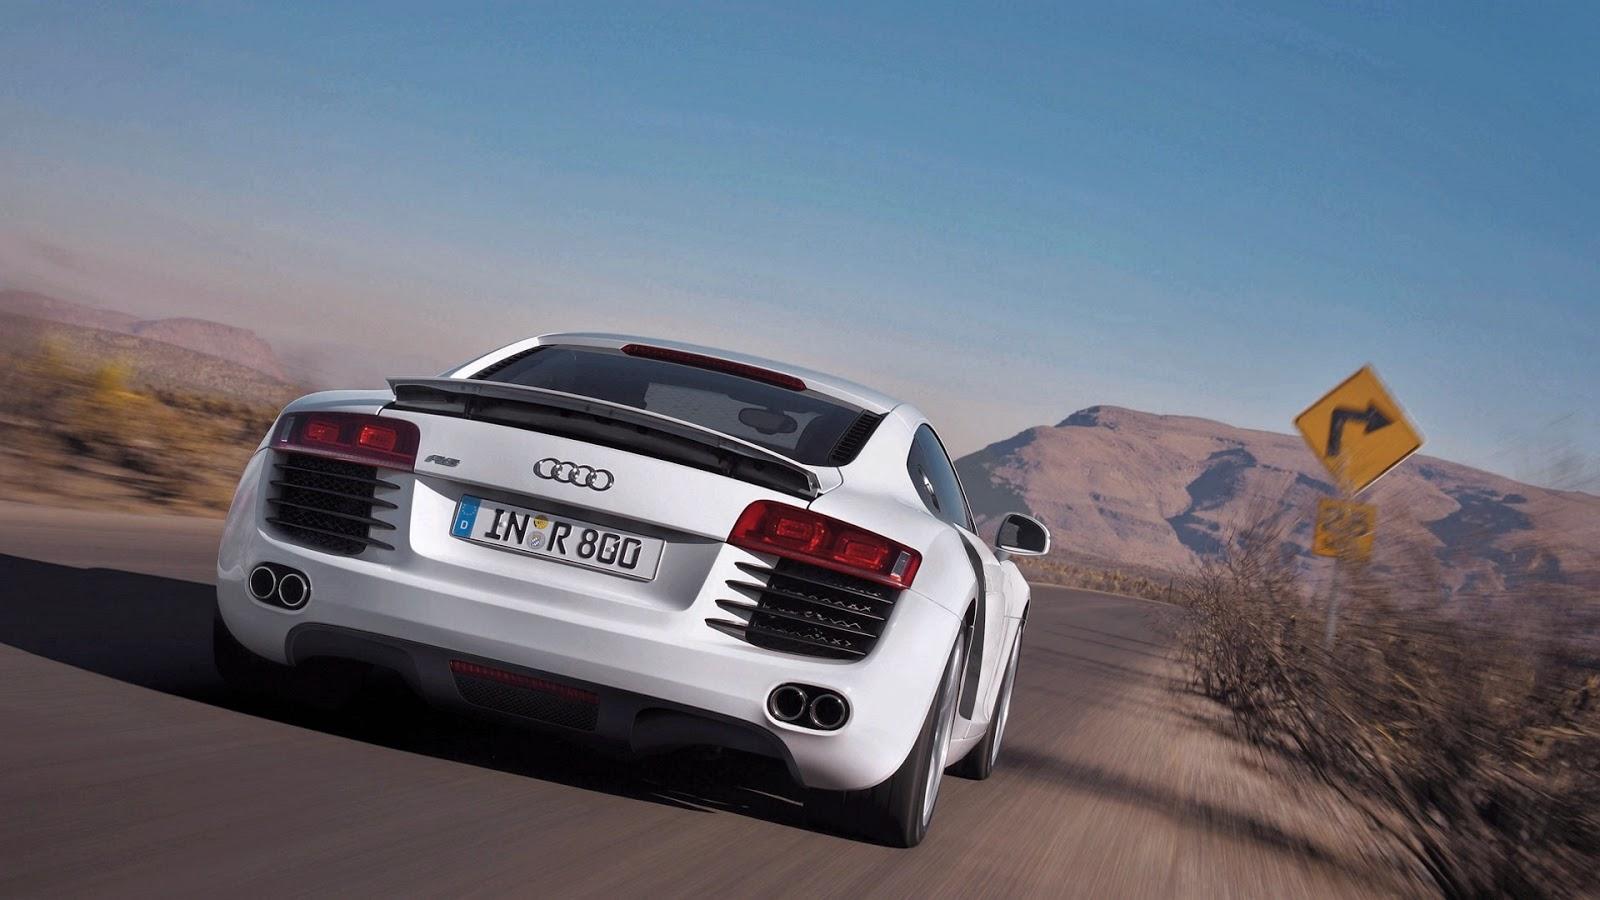 1600x900px Audi Hd Wallpapers 1080p Wallpapersafari